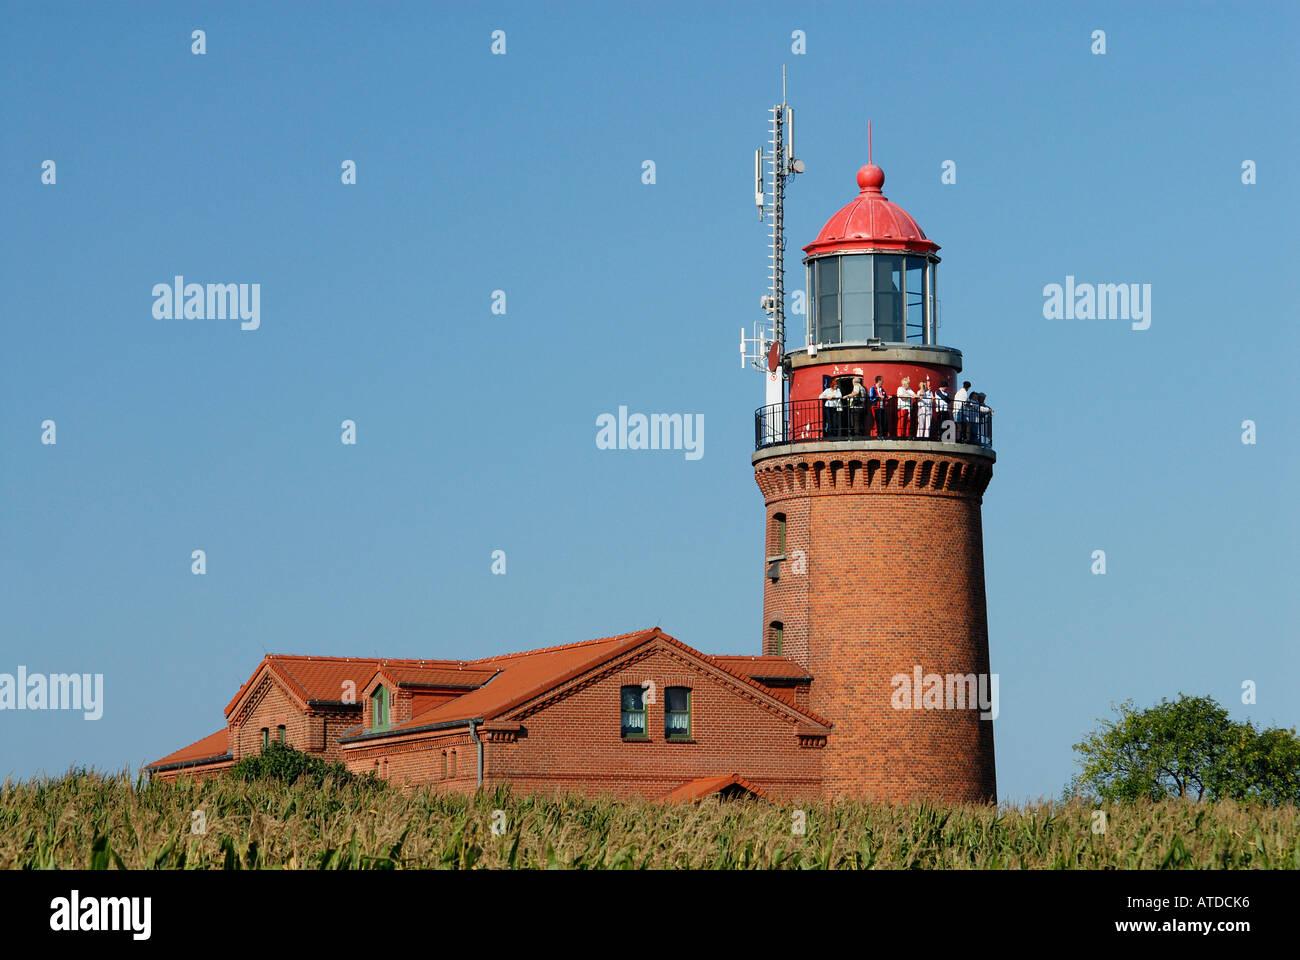 Touristen genießen den Blick vom alten Leuchtturm in Bastorf in der Nähe von Ostsee-Vorpommern, Deutschland Stockfoto